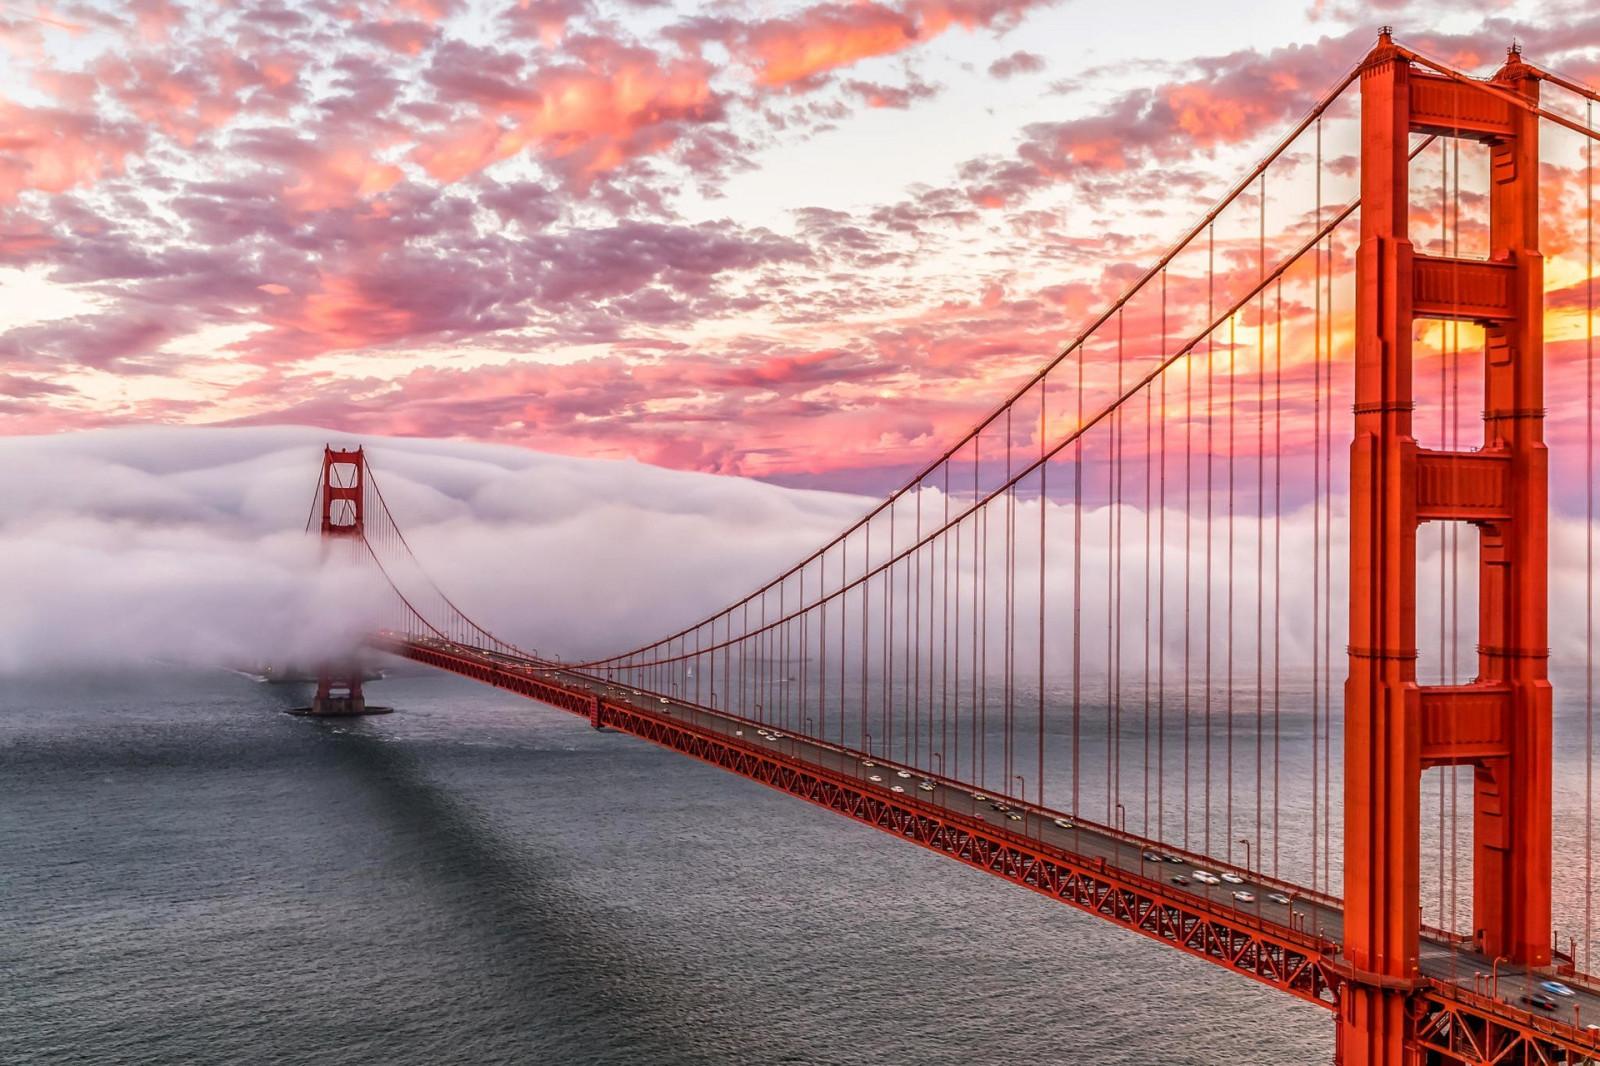 San Francisco Bridge Hd Wallpaper Fond D 233 Cran Le Coucher Du Soleil Mer Architecture